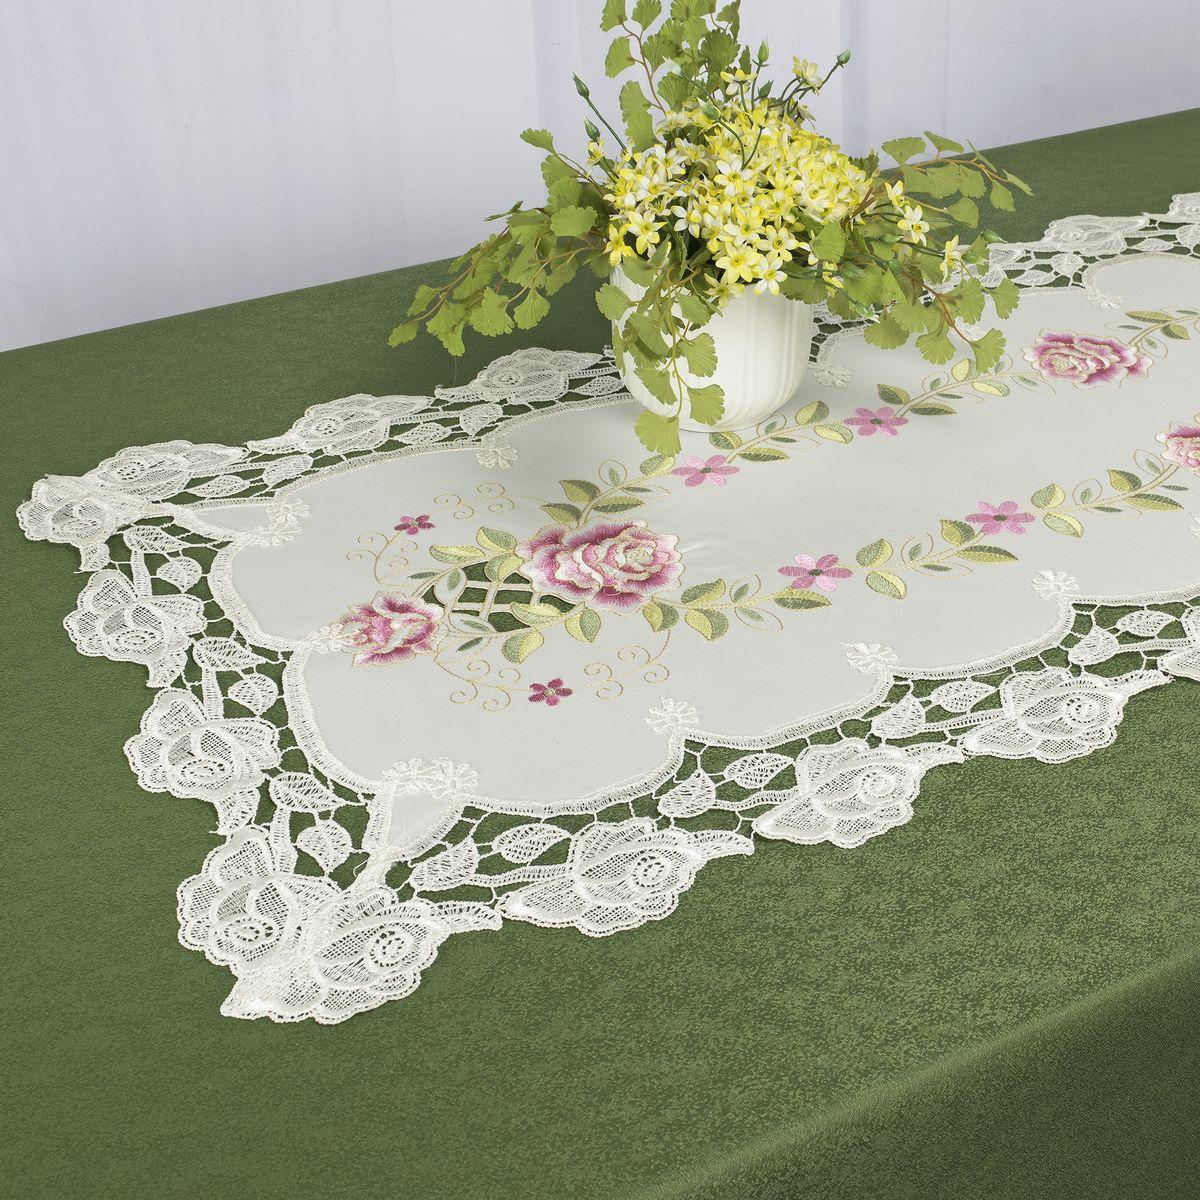 Дорожка для декорирования стола Schaefer, 40 x 110 см, цвет: белый. 07686-233VT-1520(SR)Дорожка для декорирования стола Schaefer может быть использована, как основной элемент, так и дополнение для создания уюта и романтического настроения.Дорожка выполнена из полиэстера. Изделие легко стирать: оно не мнется, не садится и быстро сохнет, более долговечно, чем изделие из натуральных волокон.Материал: 100% полиэстер.Размер: 40 x 110 см